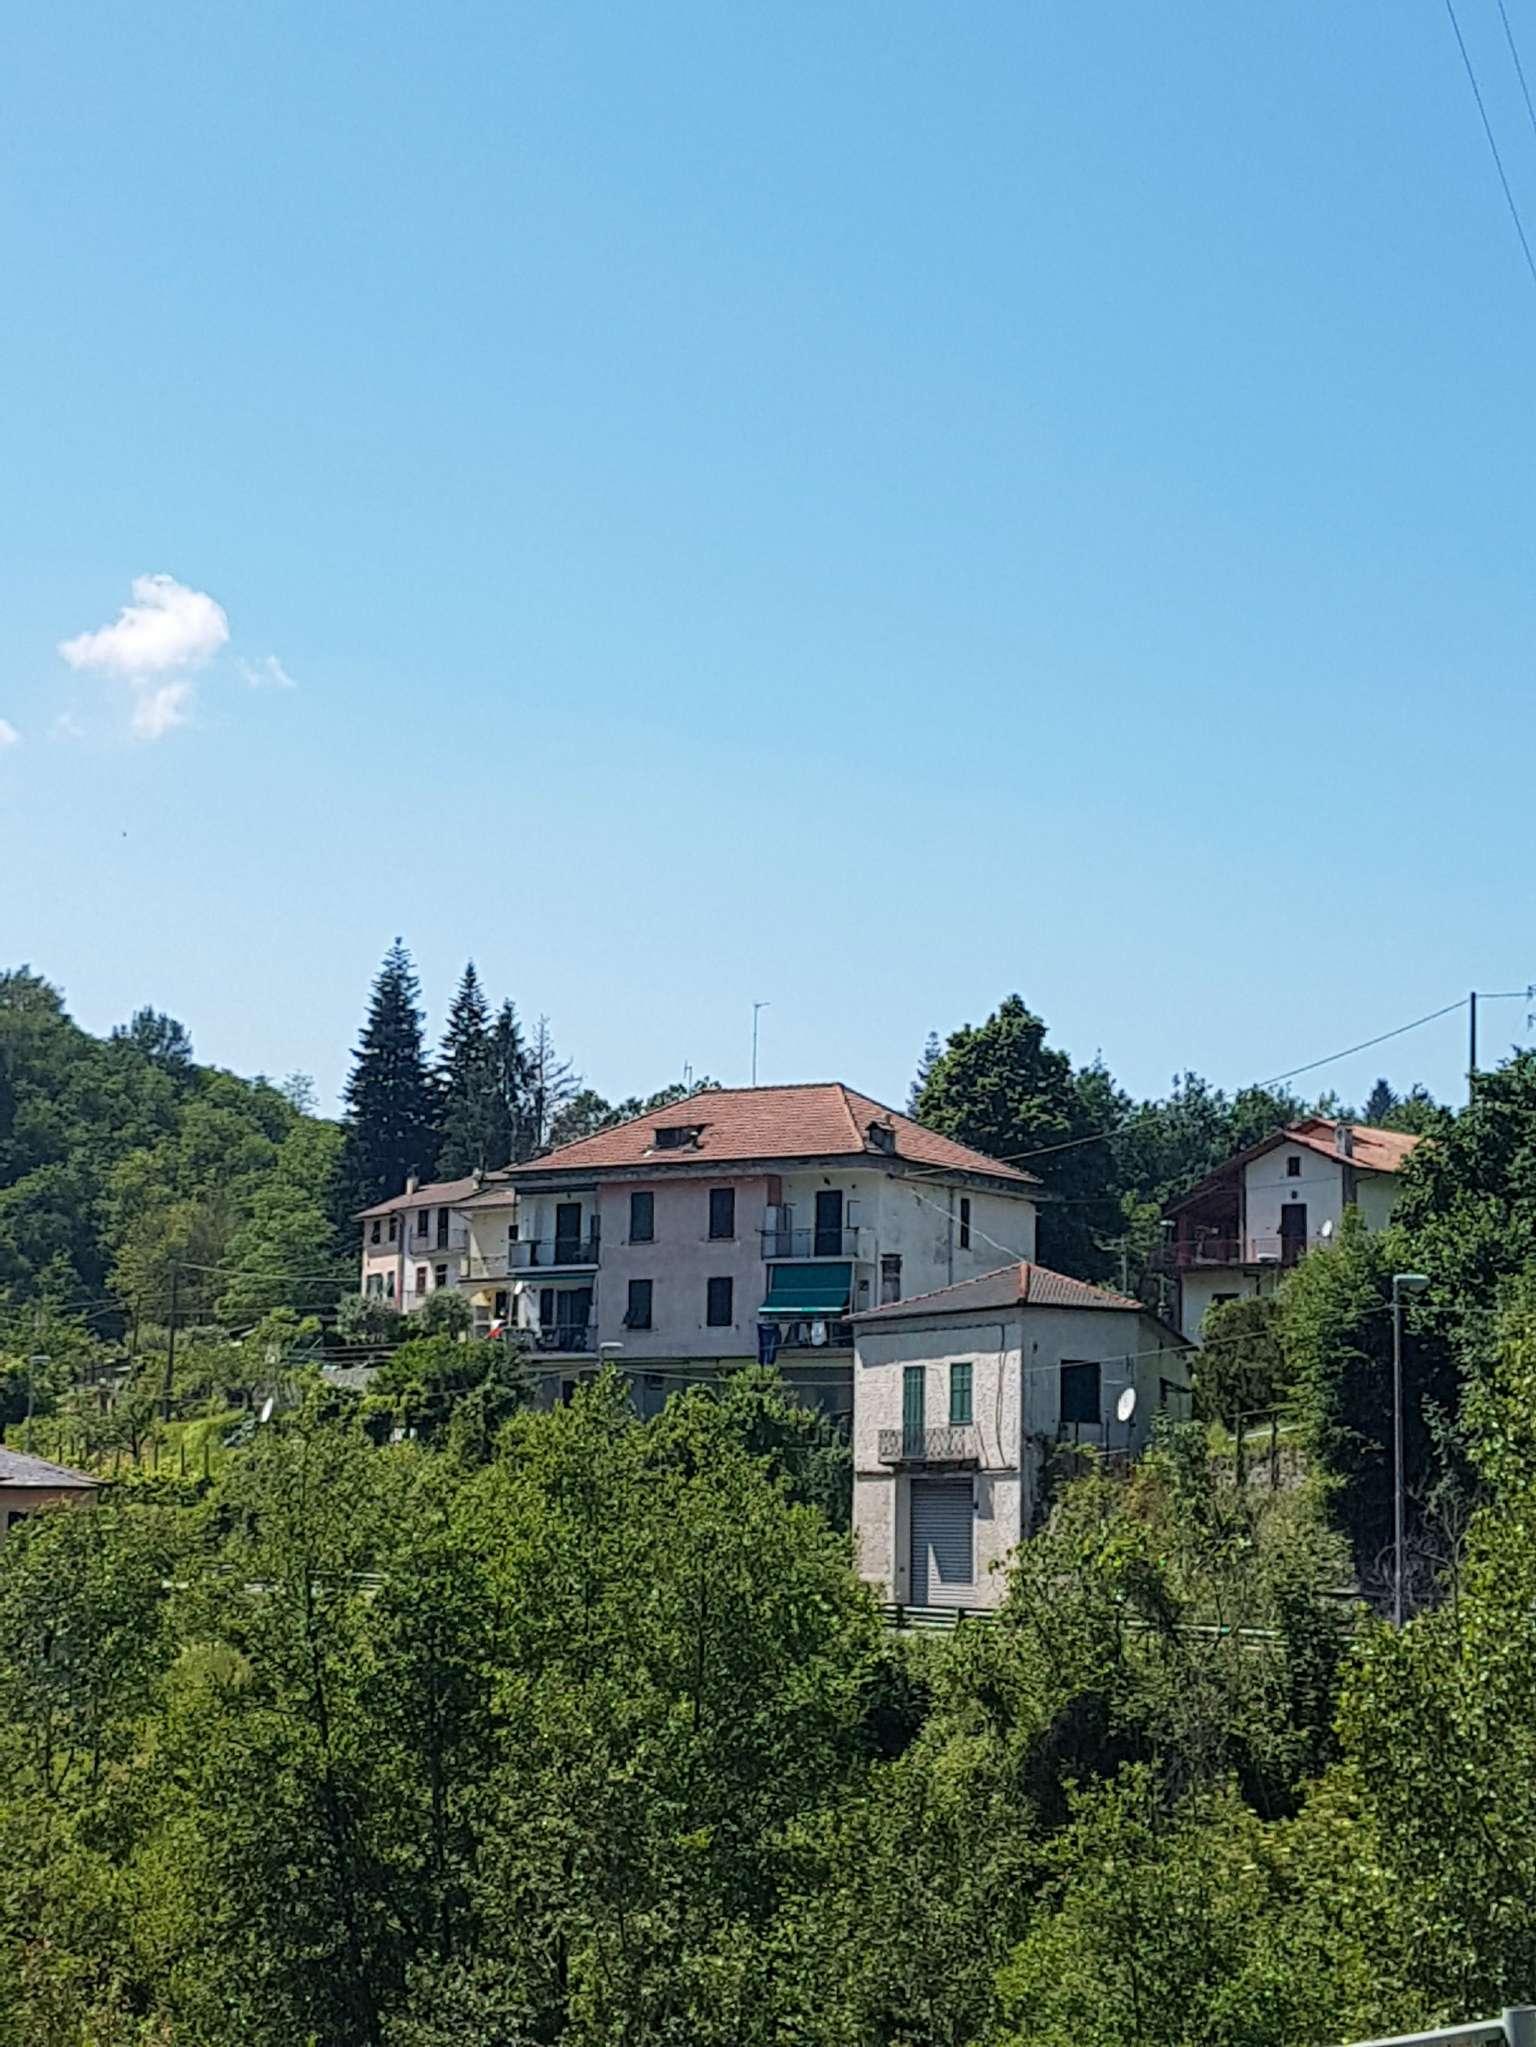 Appartamento in vendita a Moconesi, 4 locali, prezzo € 119.000 | PortaleAgenzieImmobiliari.it